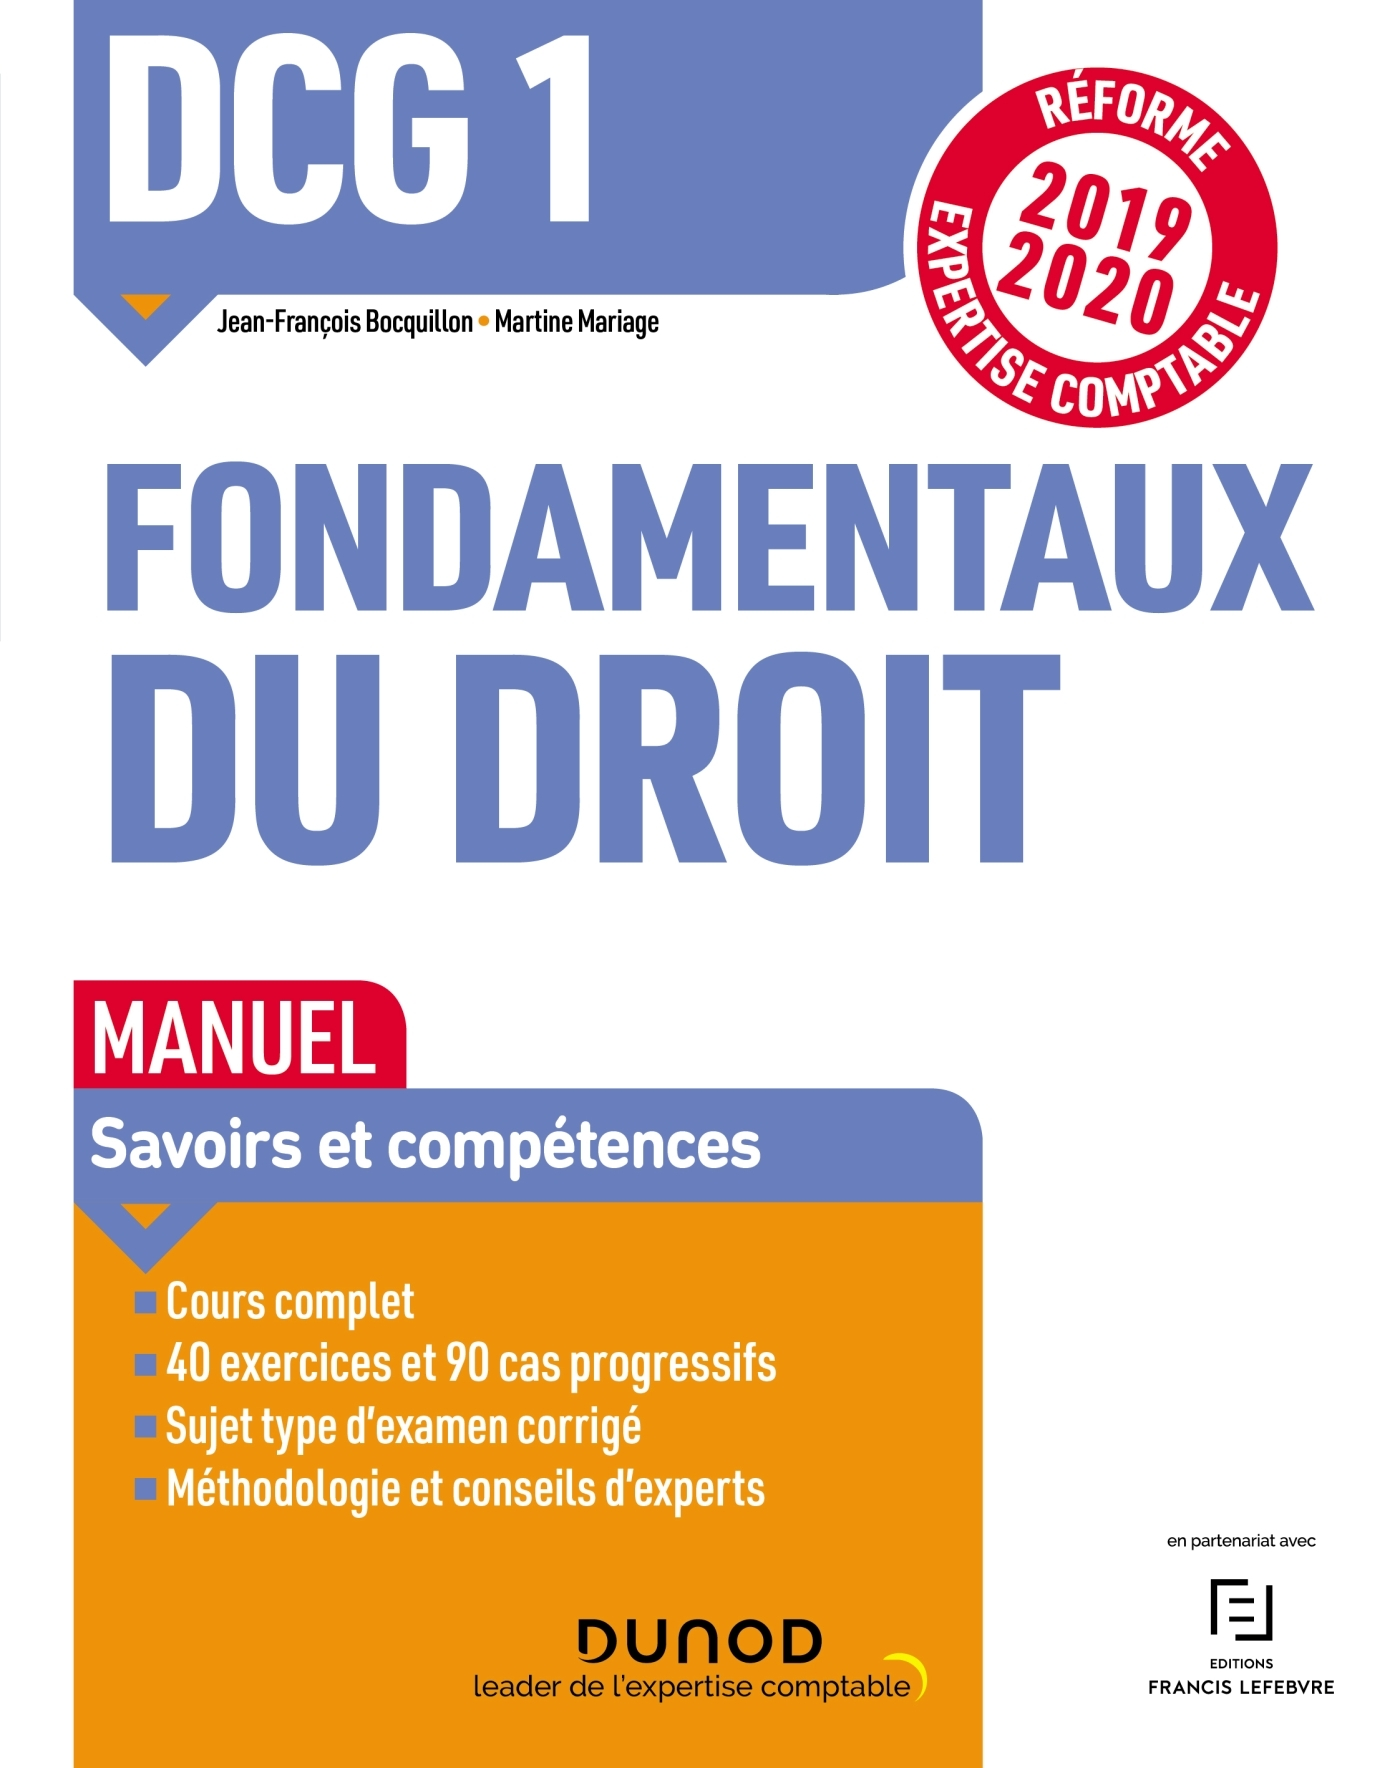 DCG 1 - INTRODUCTION AU DROIT -DCG 1 - T01 - DCG 1 FONDAMENTAUX DU DROIT - MANUEL - REFORME 2019/202